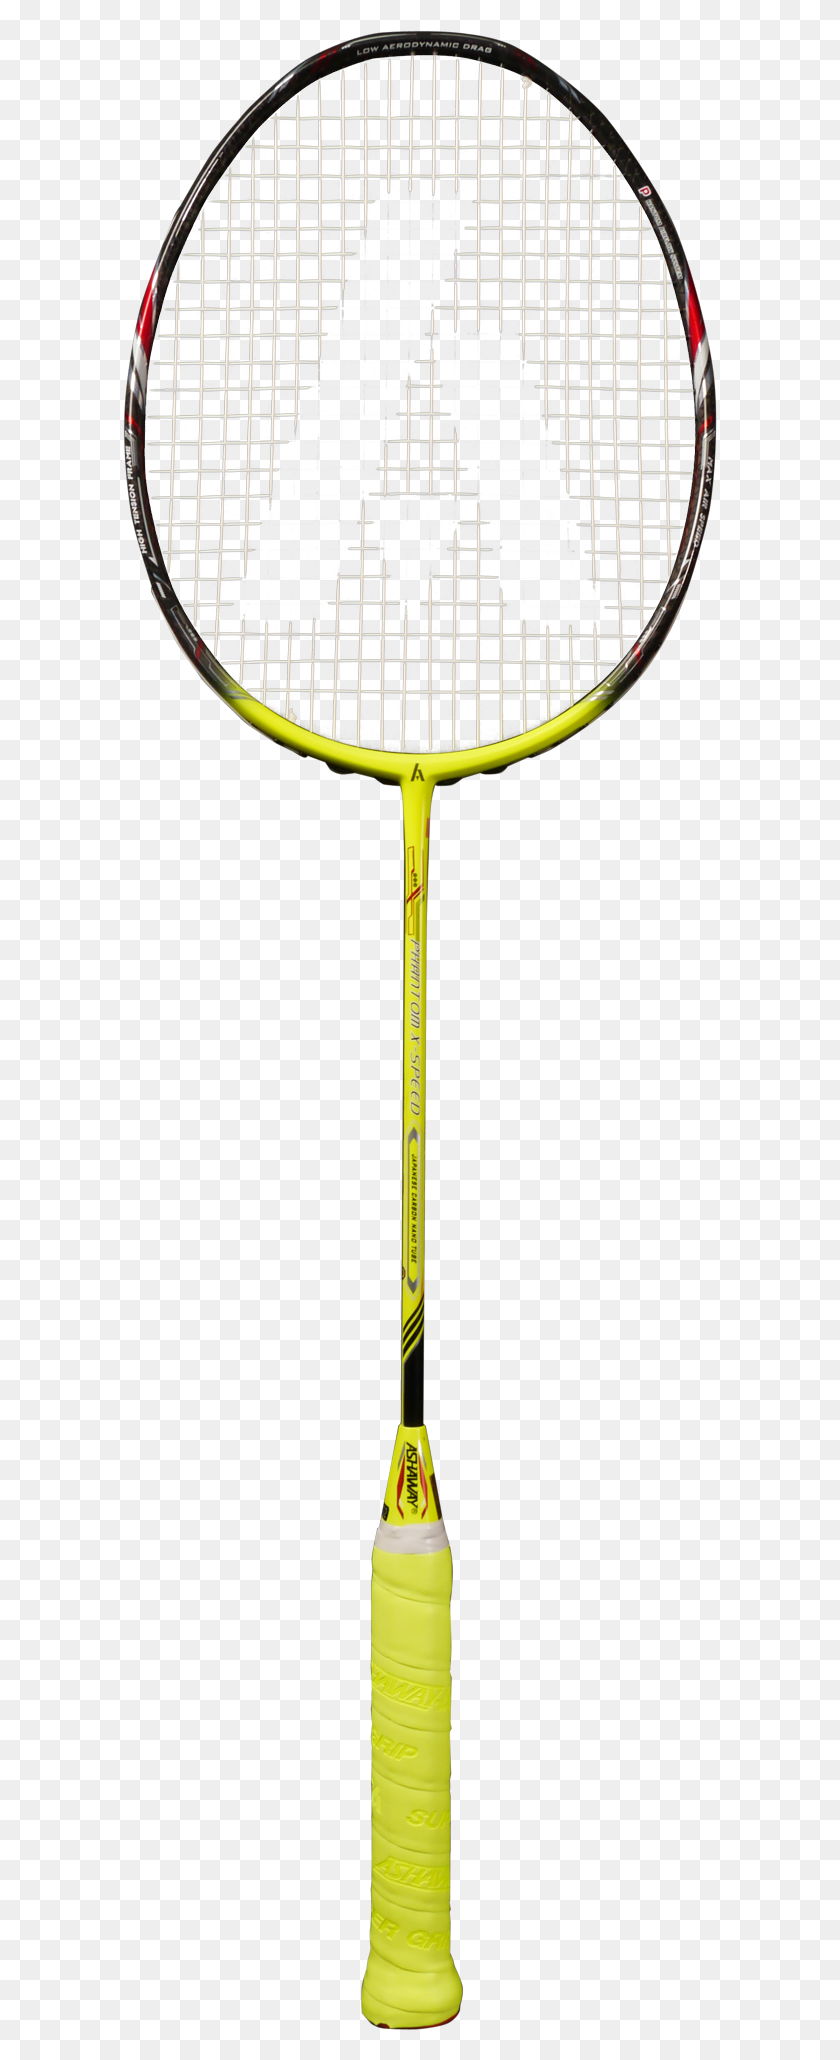 Badminton Png Images, Badminton Volant Png, Badminton Racket Png - Badminton Racket PNG